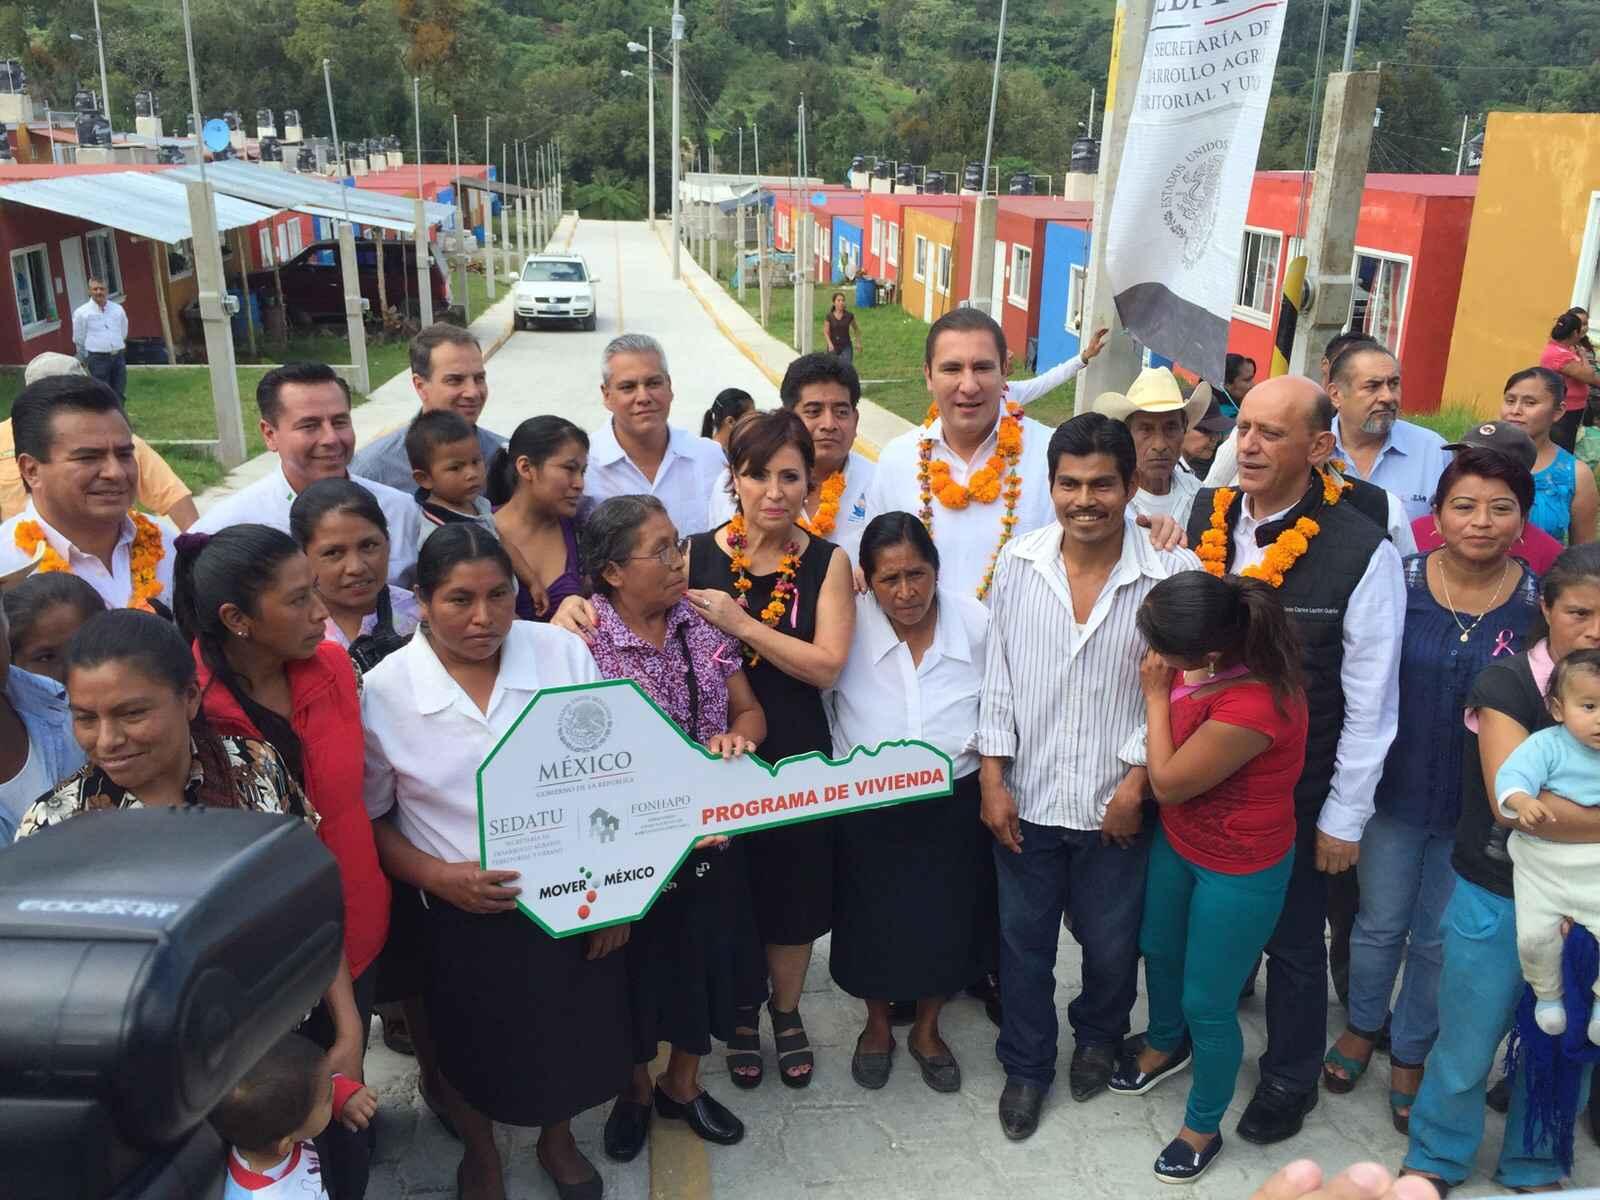 Refuerza sedatu programa viviendas en puebla portal - Programa diseno vivienda ...